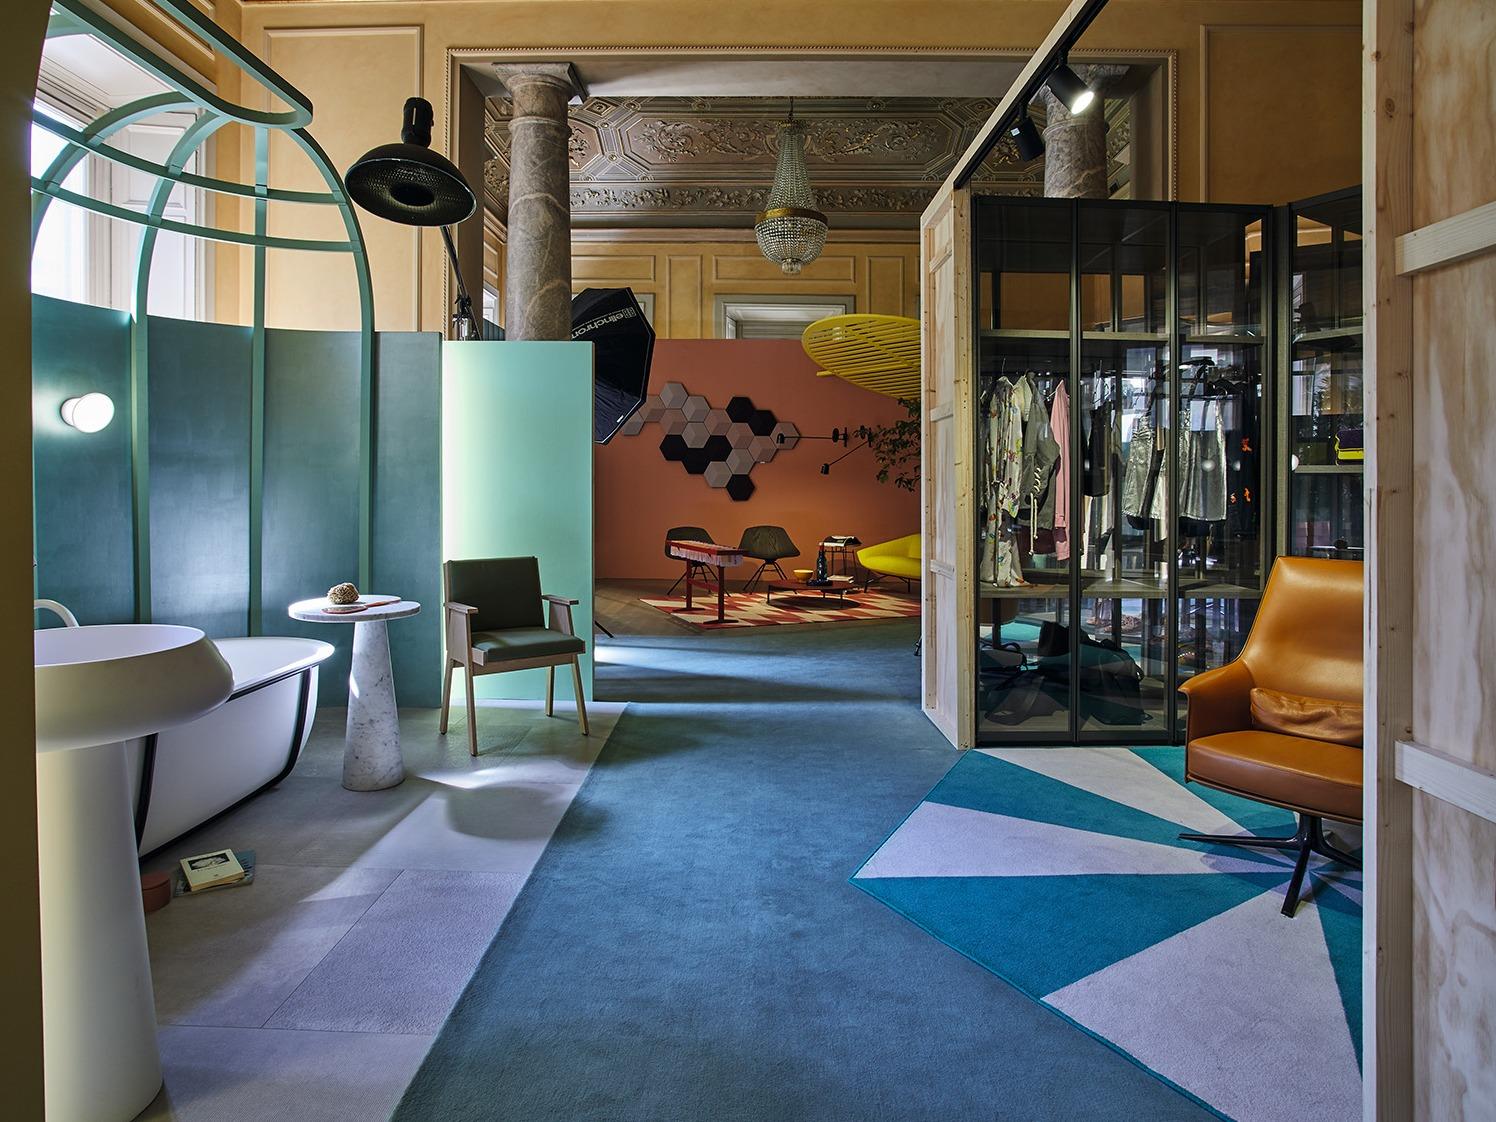 米兰Millennials at Home展览设计,关注年轻一代的生活方式